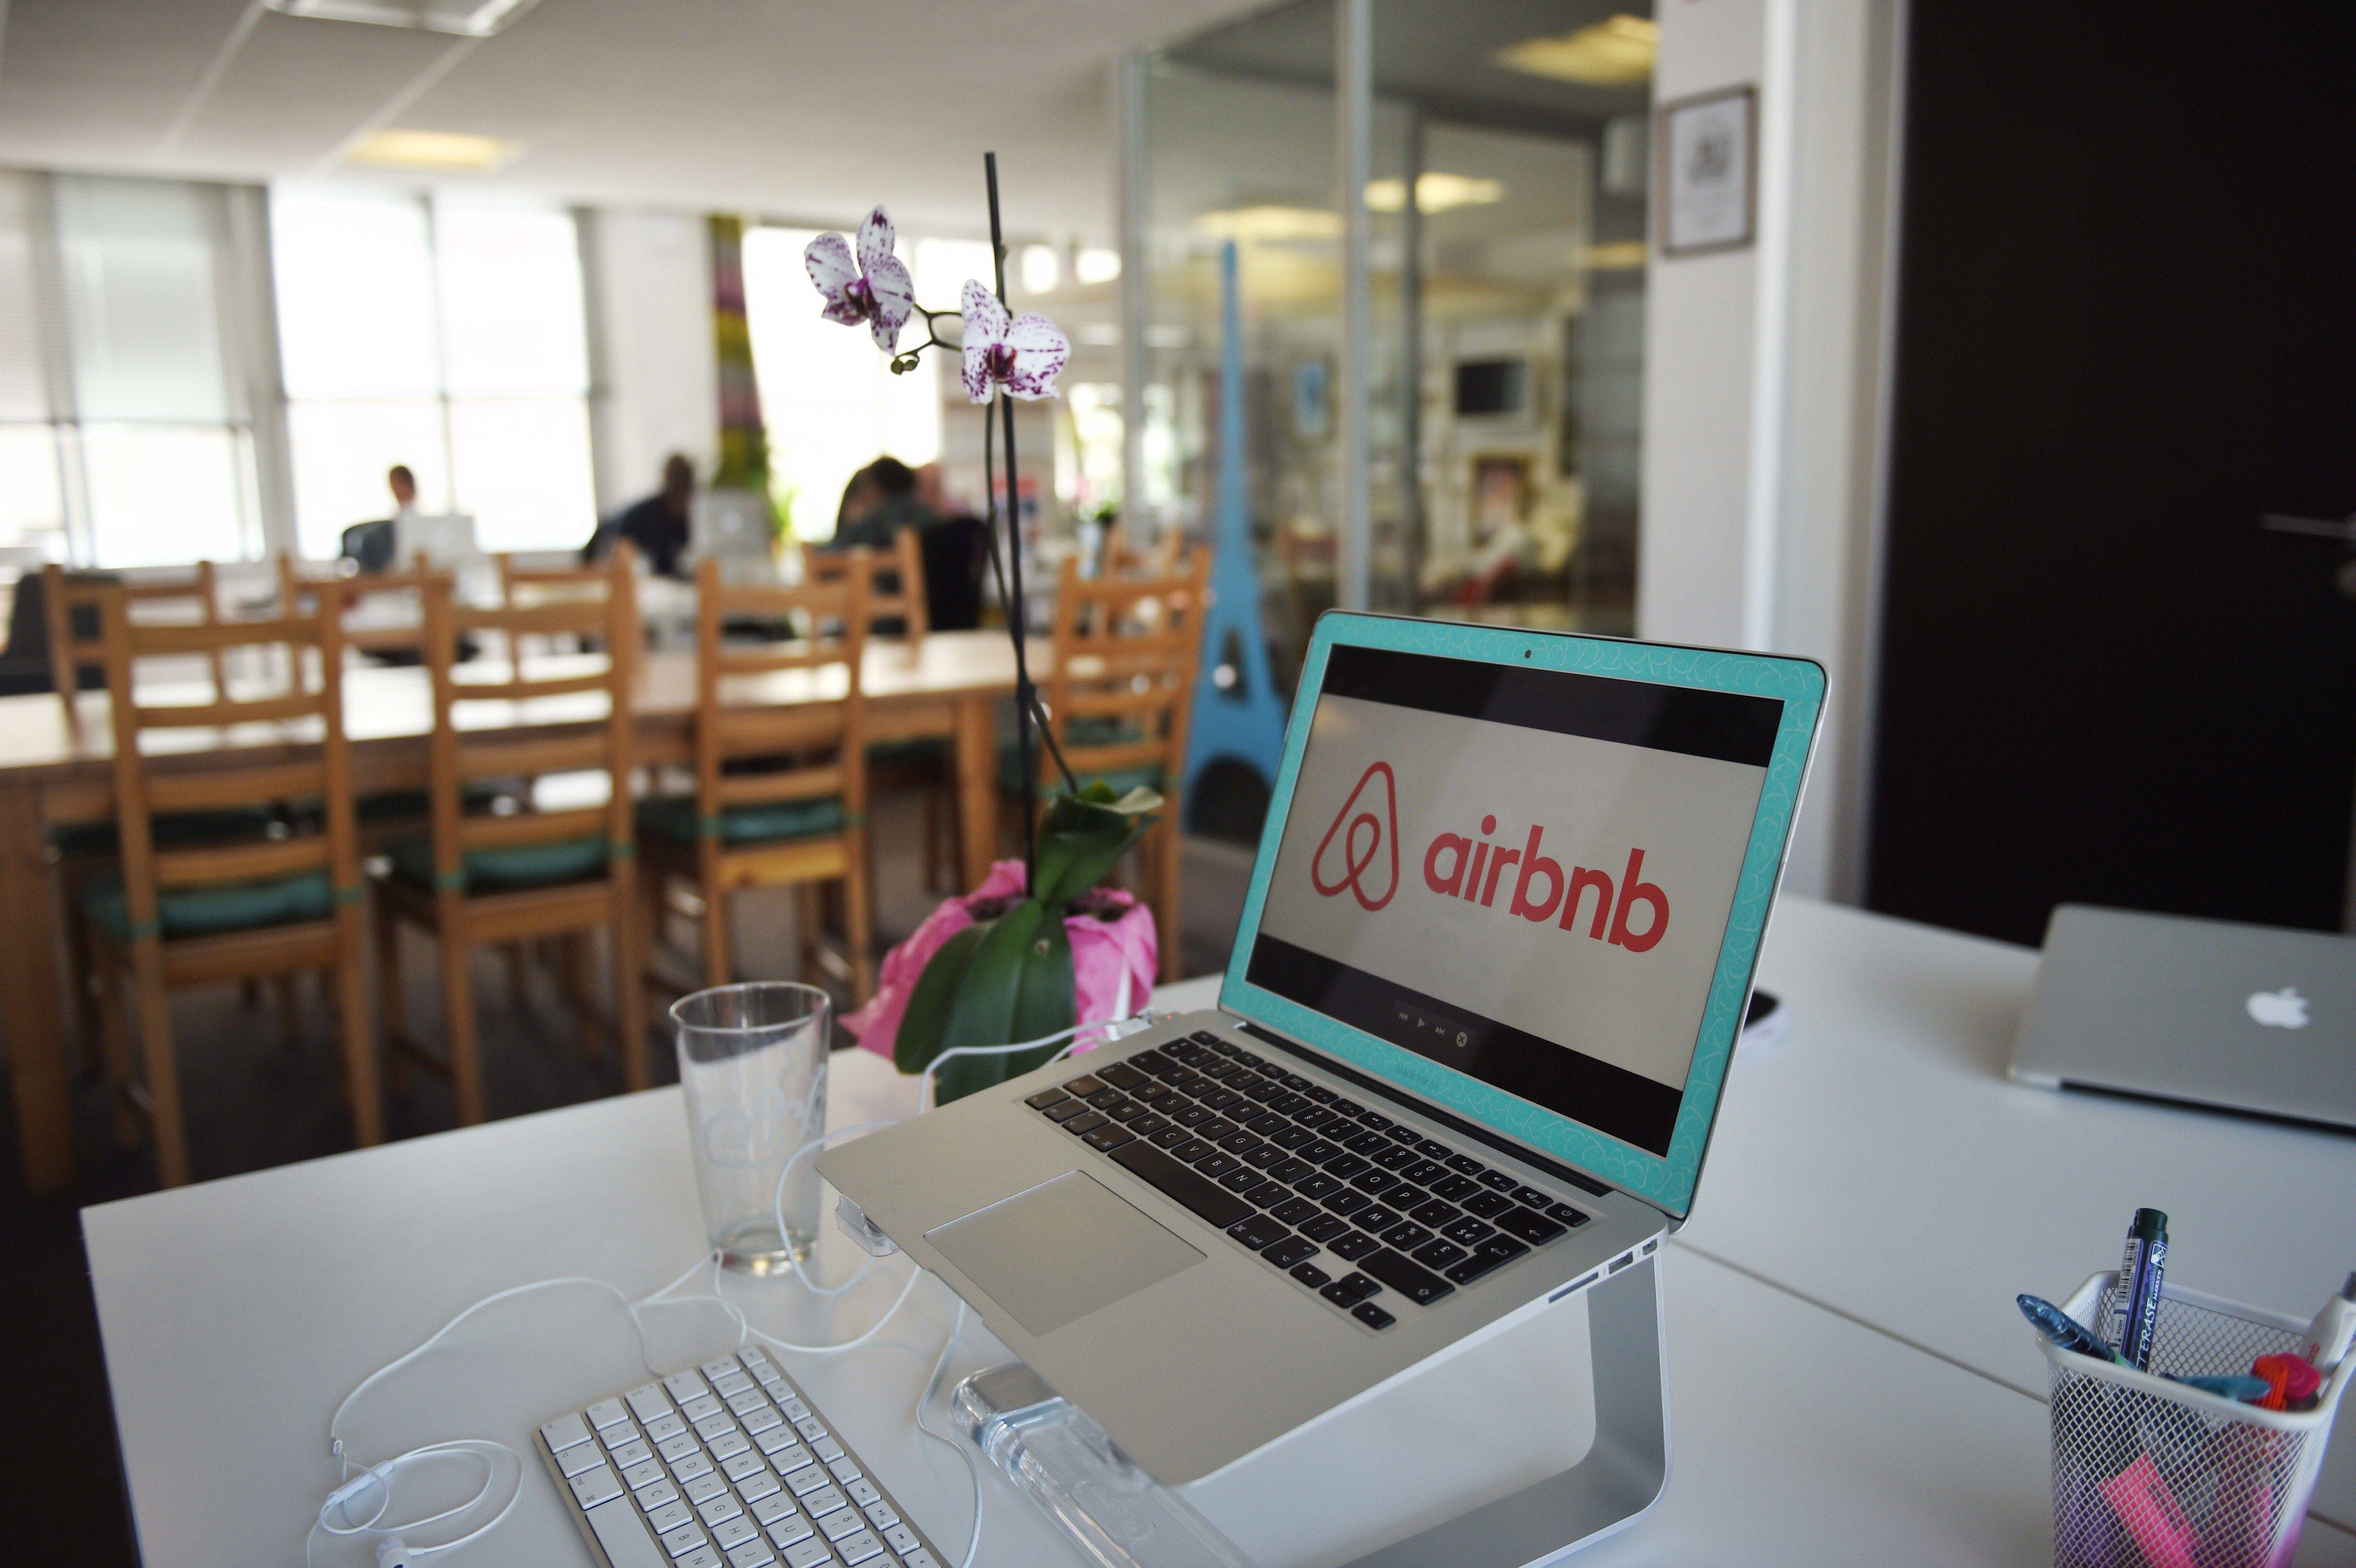 Собственников жилья на Airbnb обязуют вступать в национальный реестр Кипра